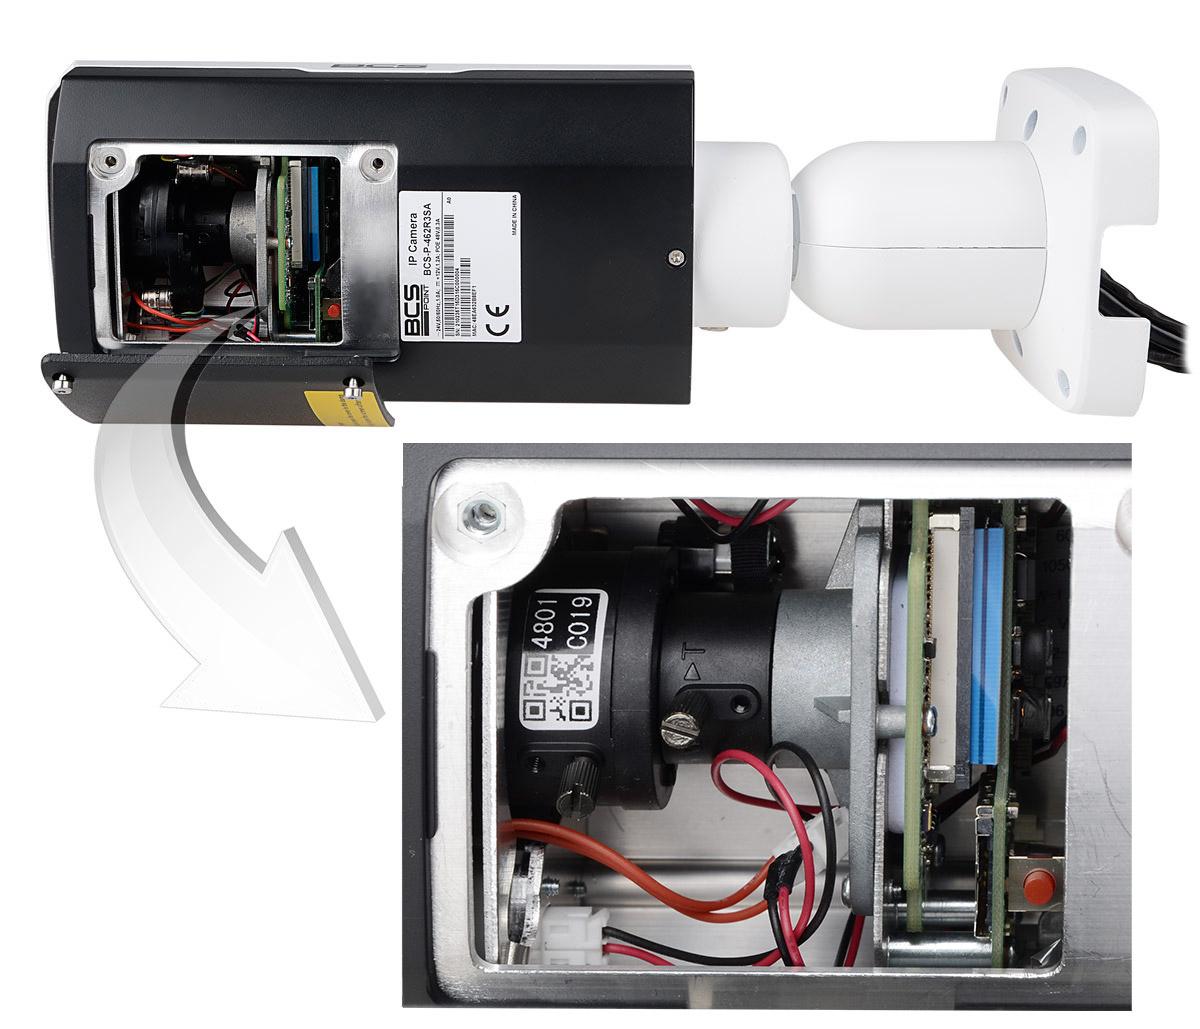 Regulacja obiektywu kamery BCS-P-431R3S